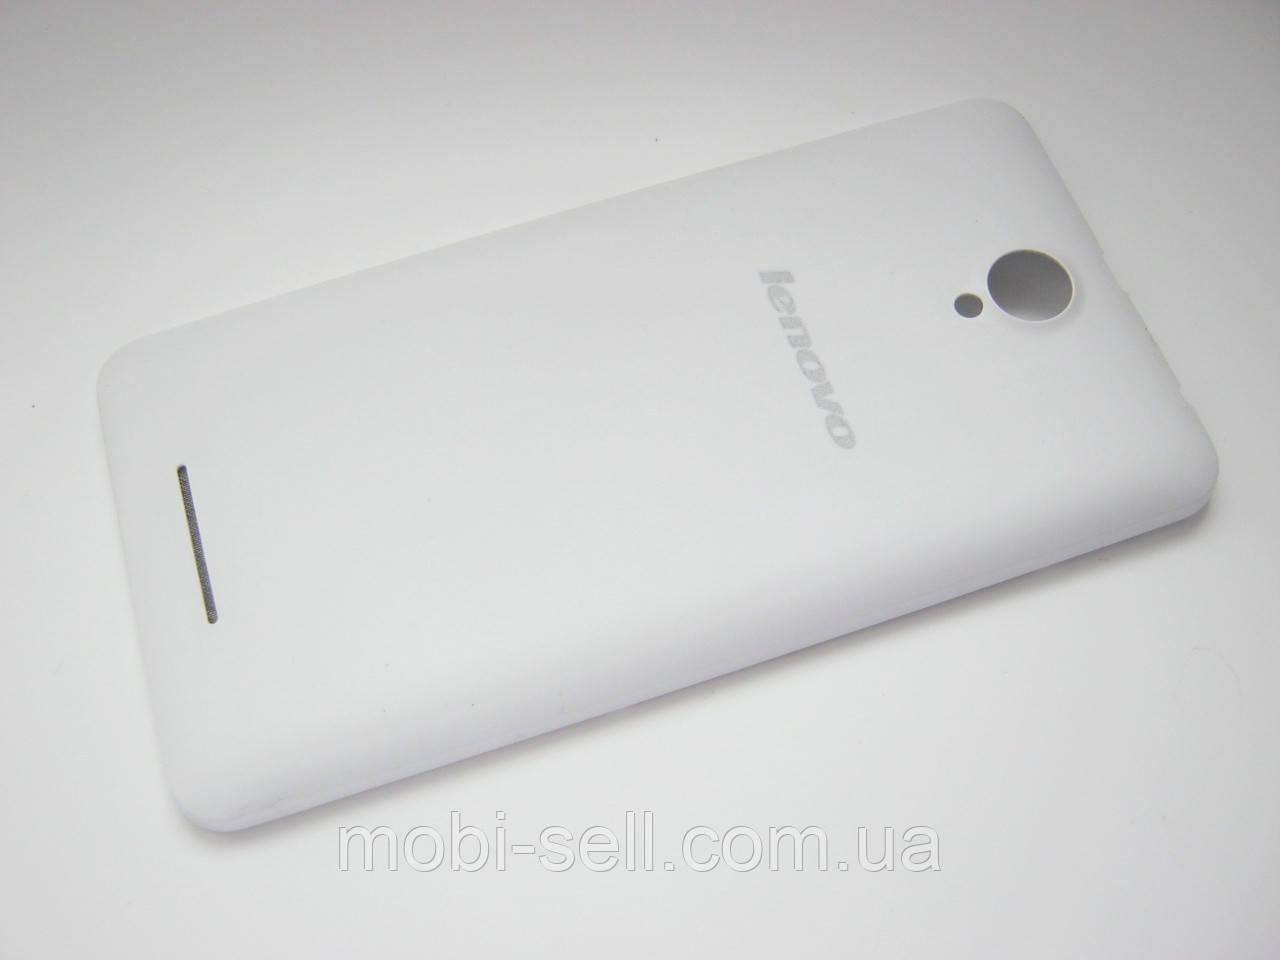 Lenovo A5000 задняя крышка корпуса, панель аккумулятора (запчасти, Б/У, разборка)